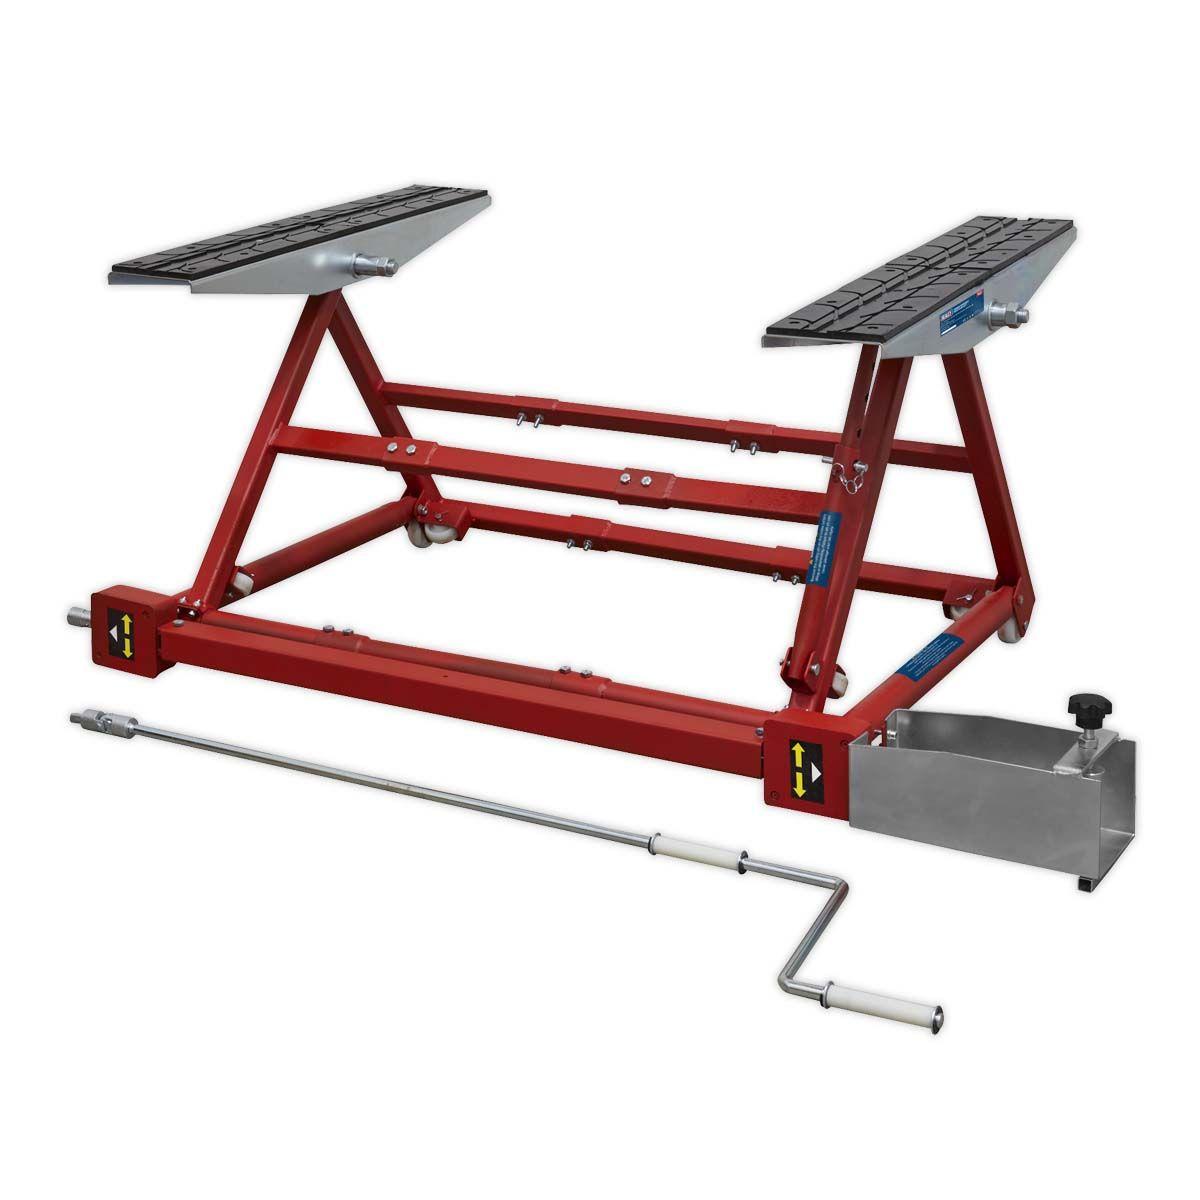 Sealey Portable Pivot Car Lift 1500kg